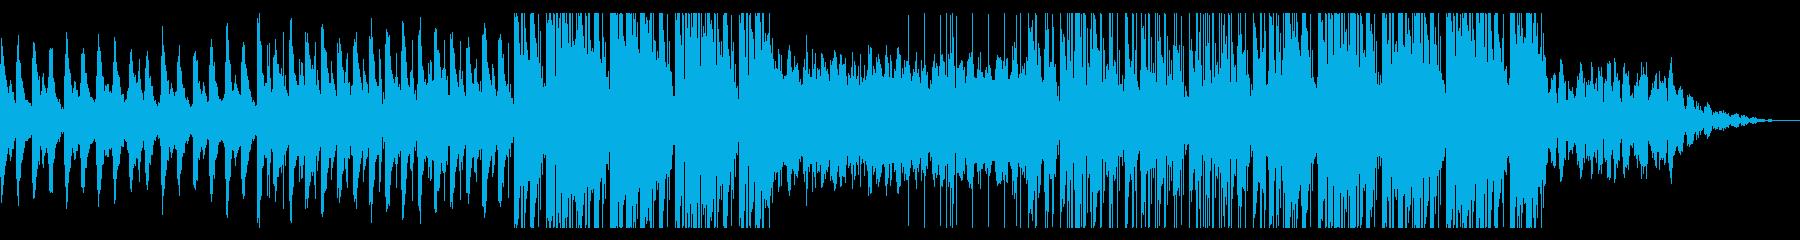 幻想的なヒップホップの再生済みの波形